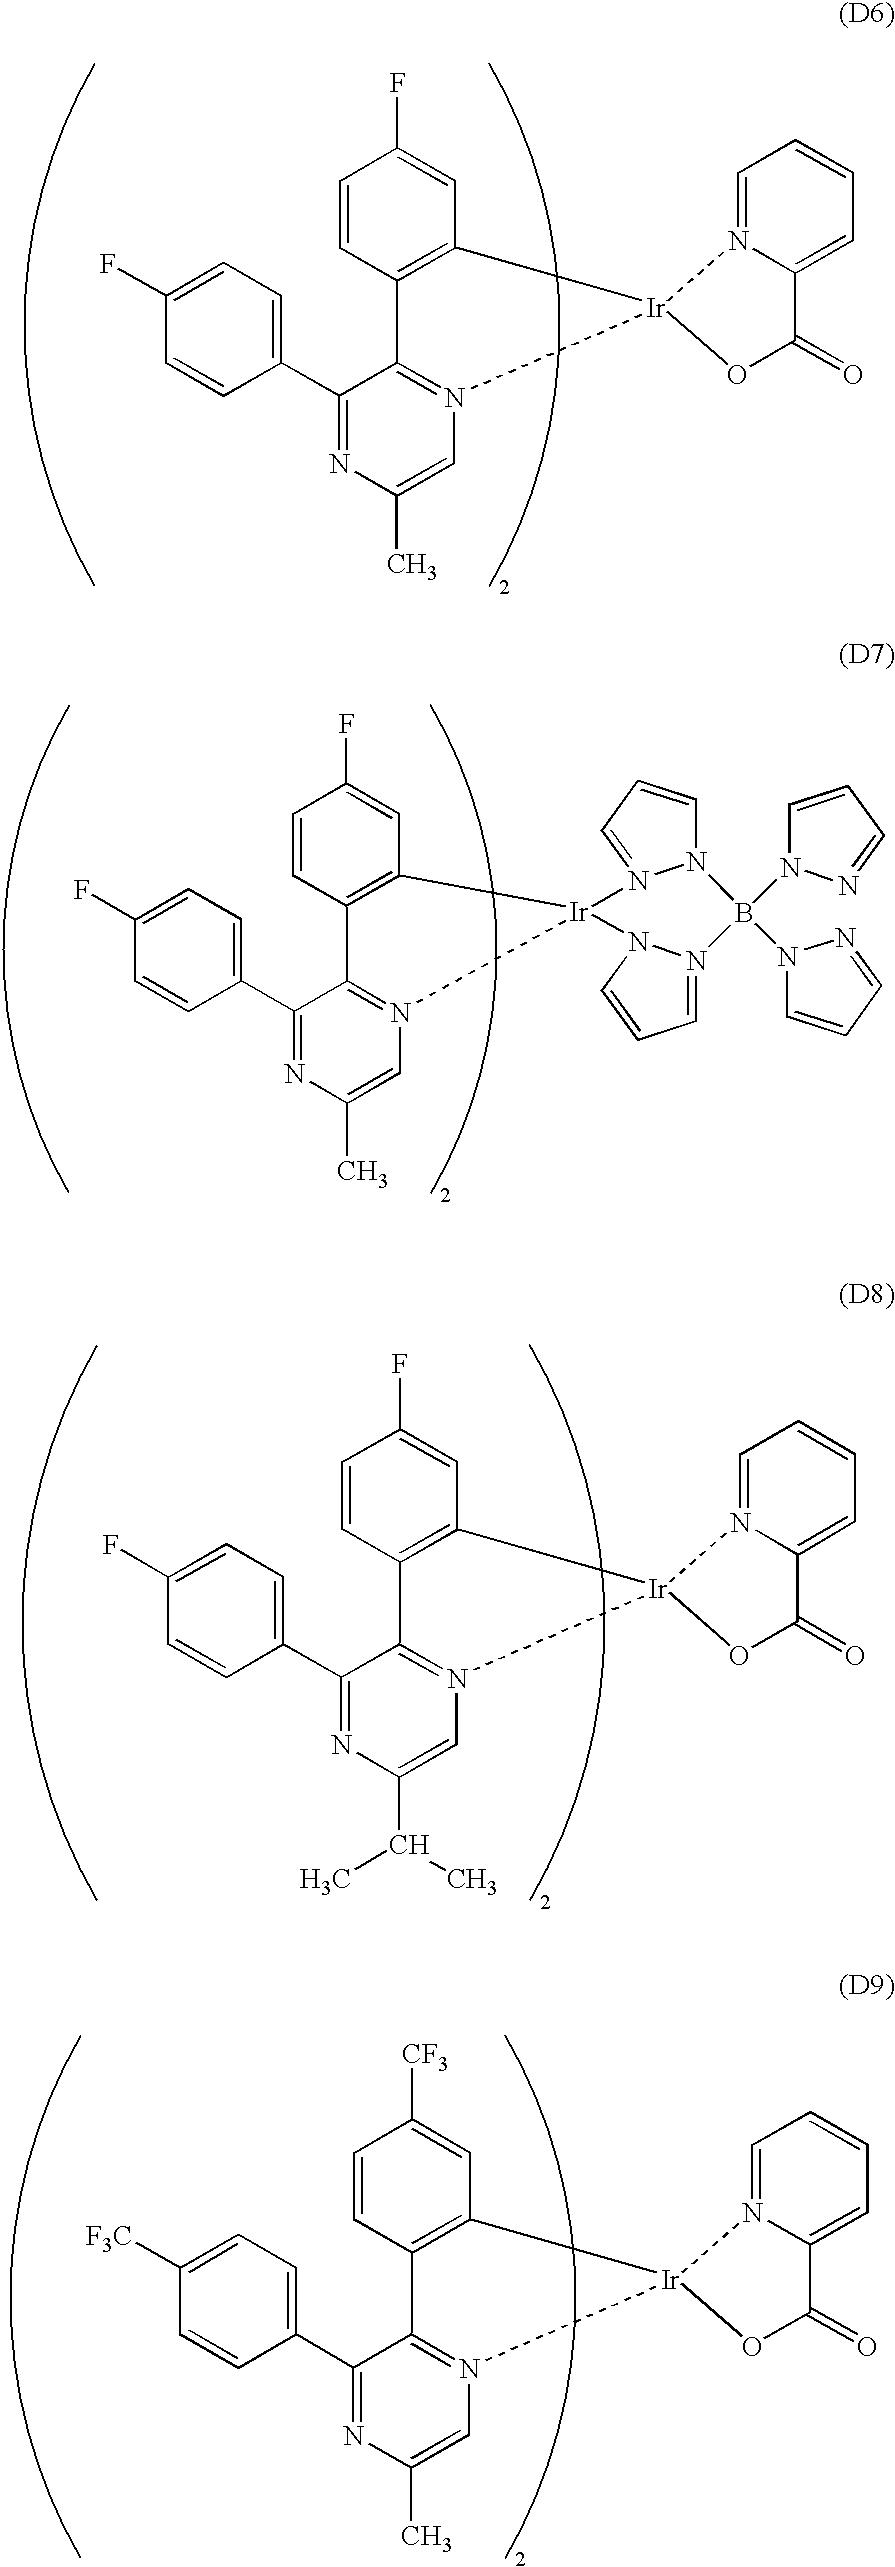 Figure US20100059741A1-20100311-C00008